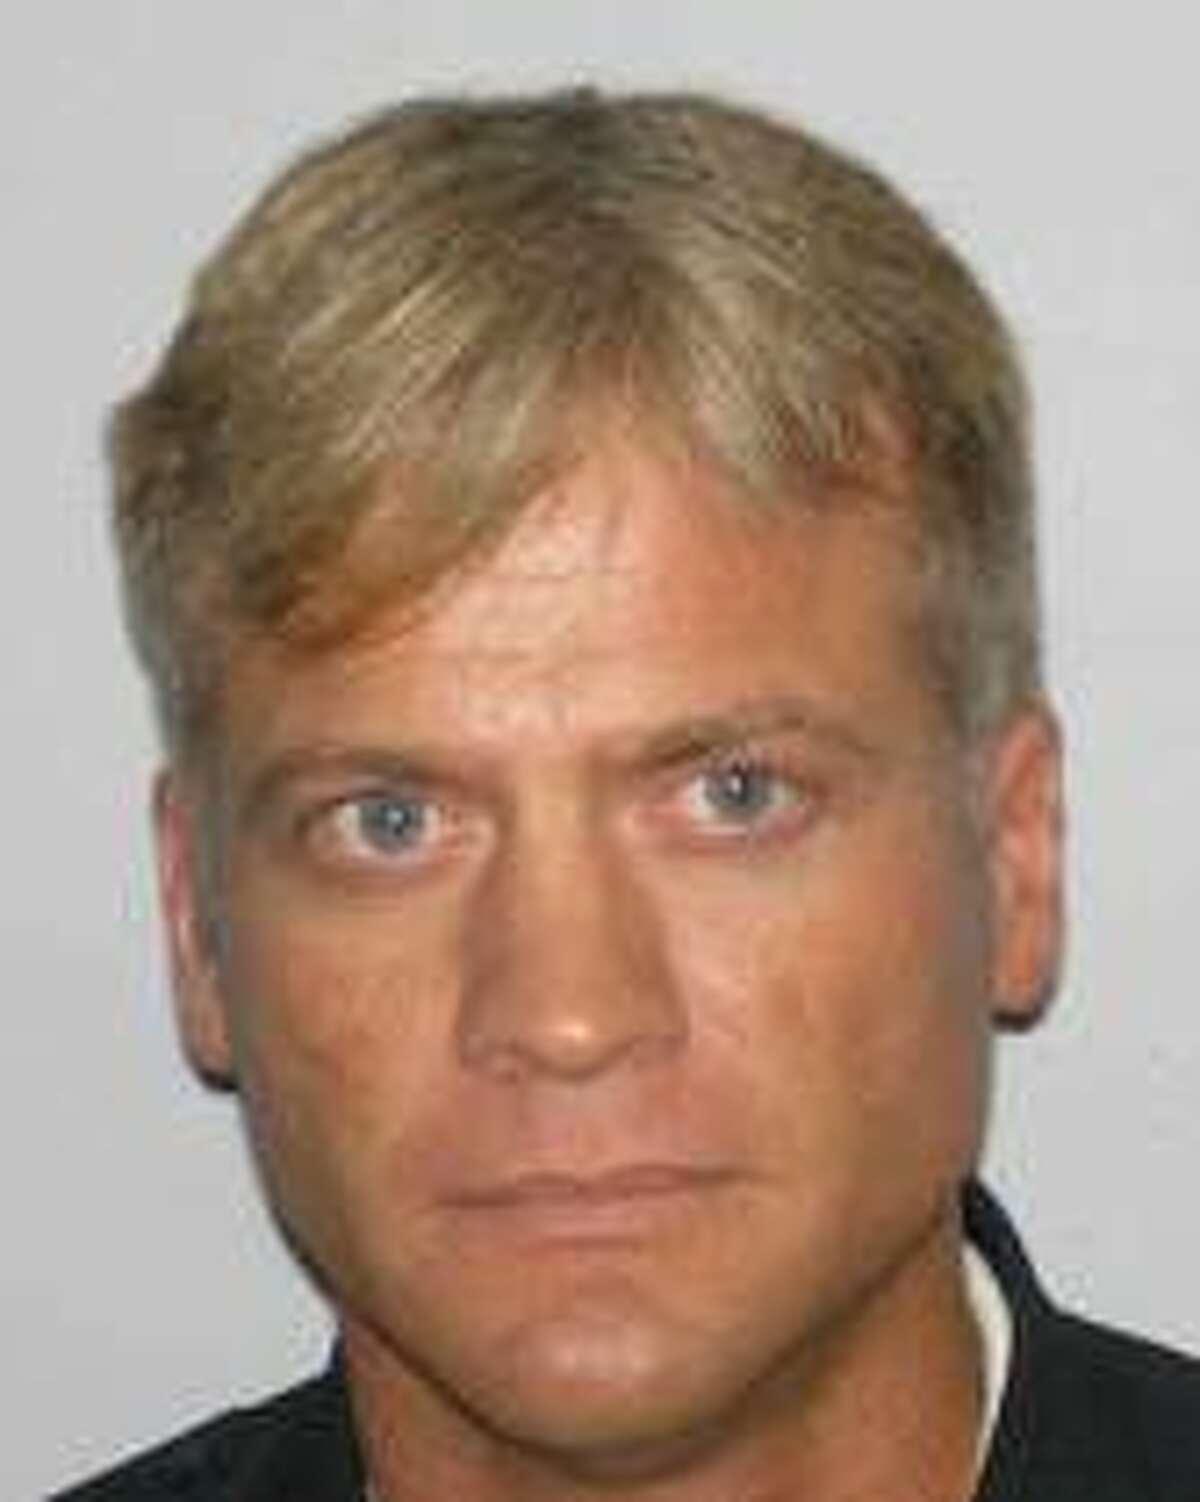 Lt. Lee Rakun allegedly spewed racial slurs at an off-duty constable.